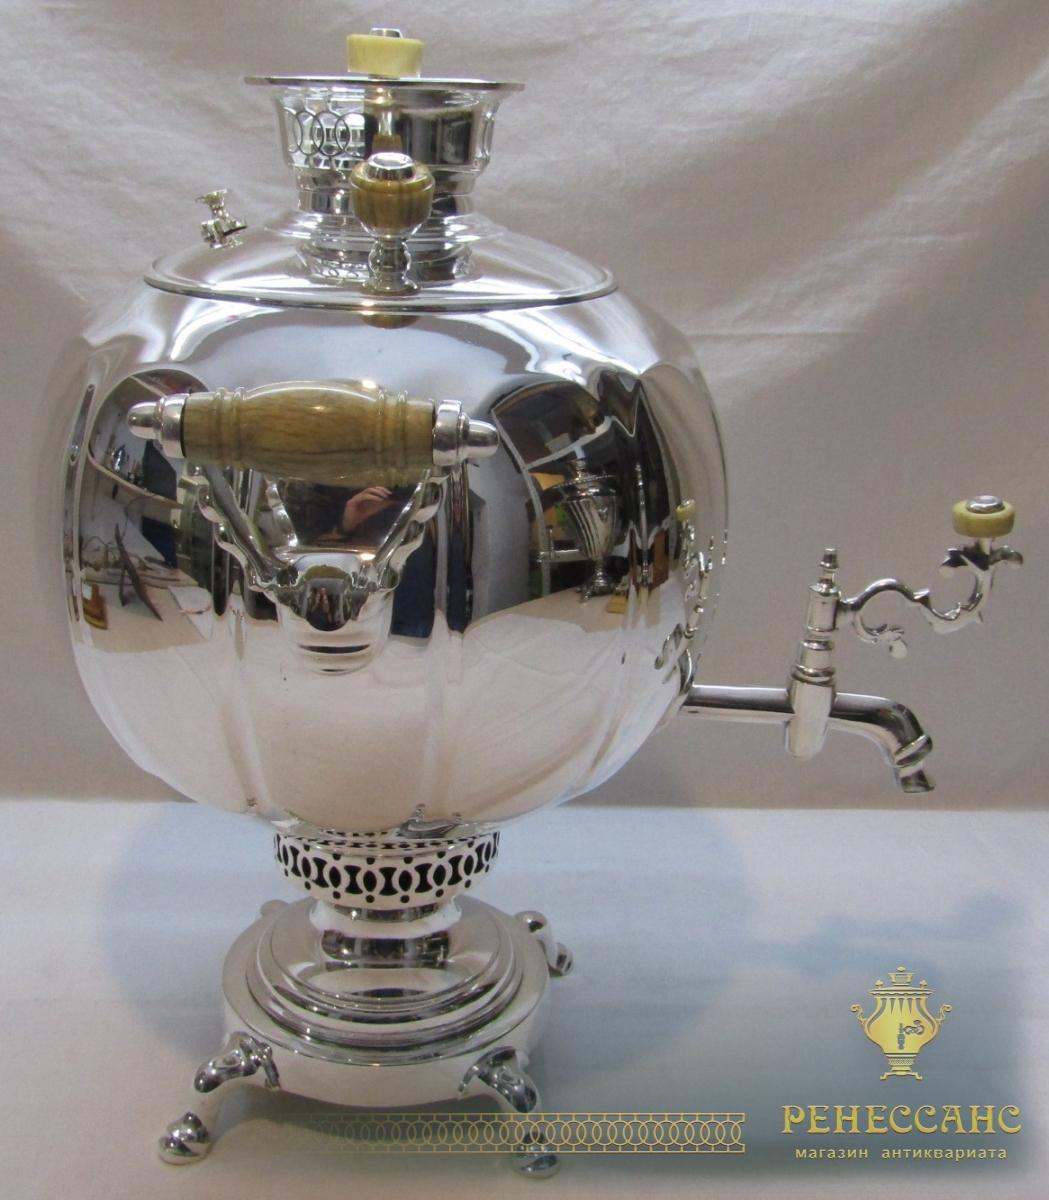 Самовар старинный угольный «арбуз», серебрение, «Н.А. Воронцов» 19 век №1235